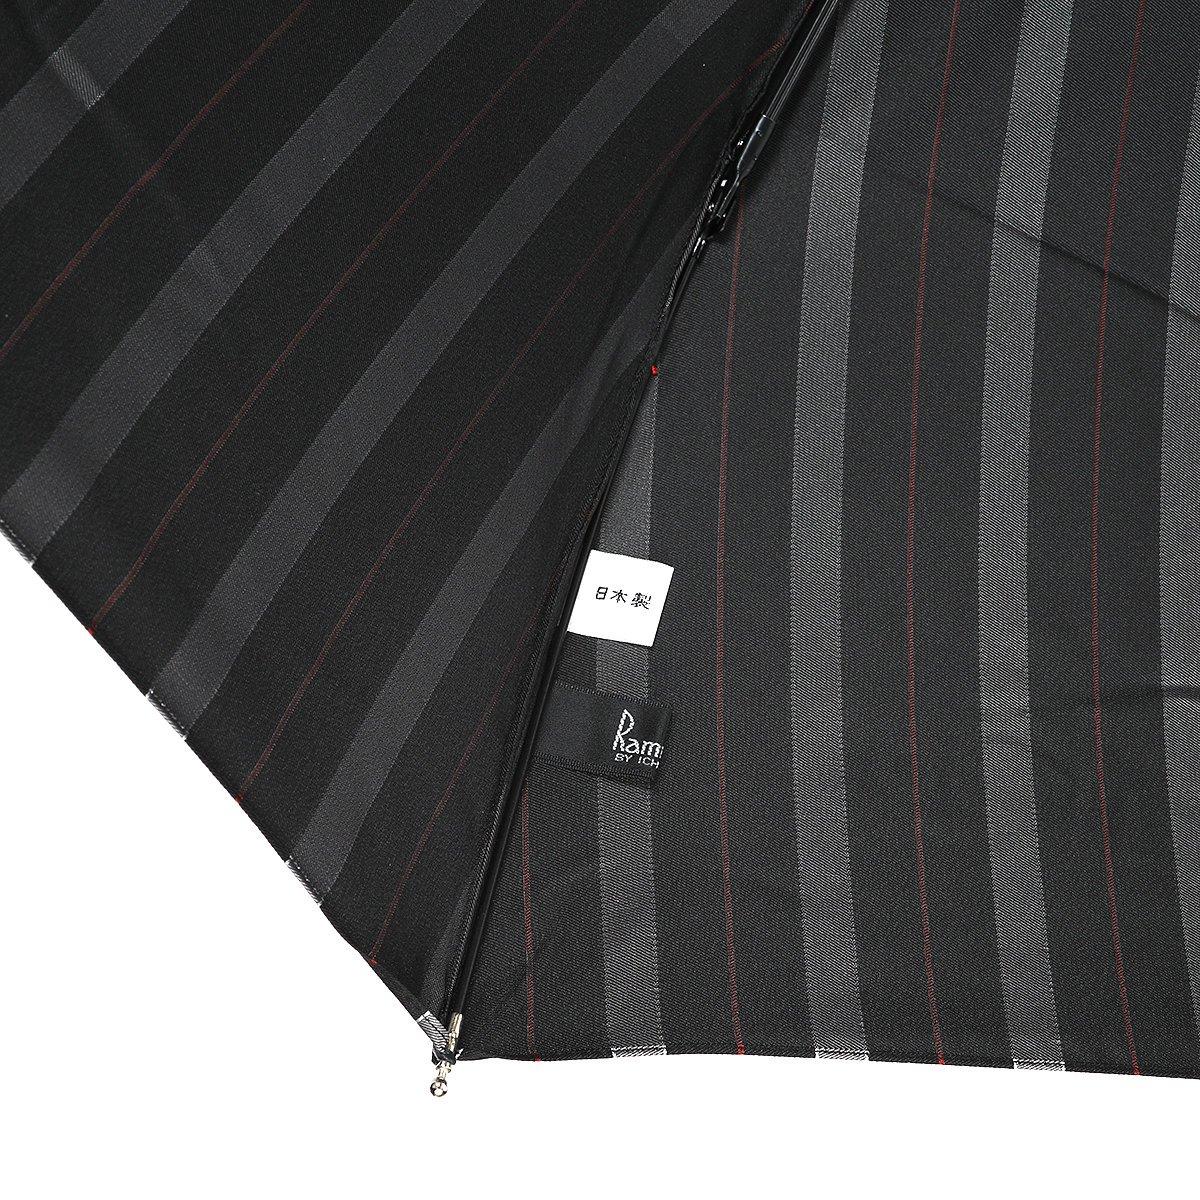 【セール】オルタネート ストライプ 耐風骨 折りたたみ傘 詳細画像8